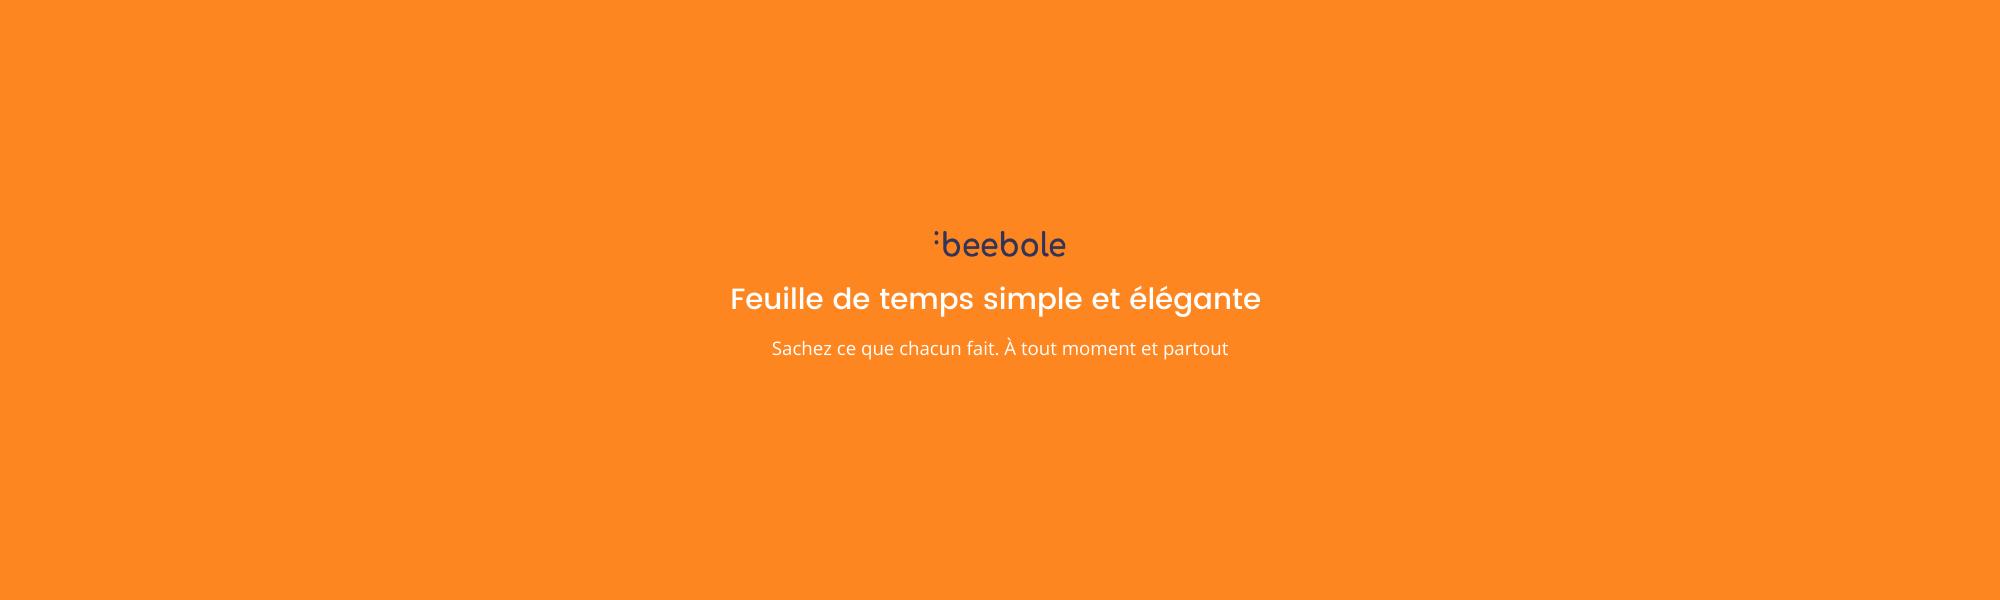 Avis BeeBole : Suivi des heures flexible, rapide et simple pour entreprises - Appvizer